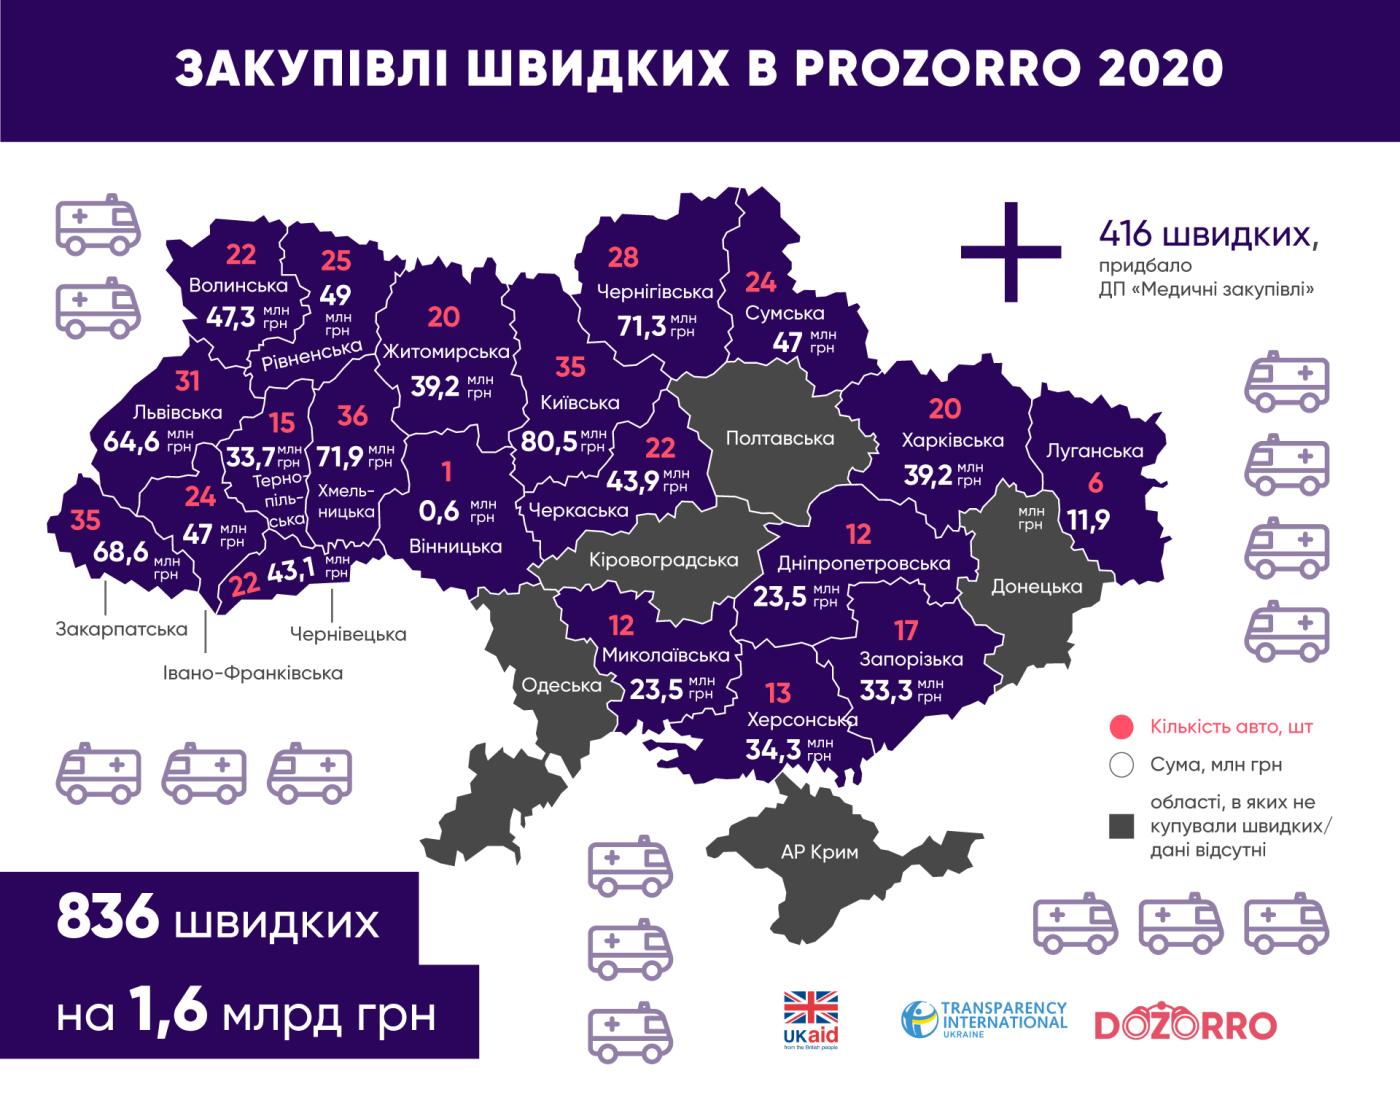 """У Хмельницькій області закупили найбільше """"швидких"""" серед регіонів у 2020 році, фото-2"""